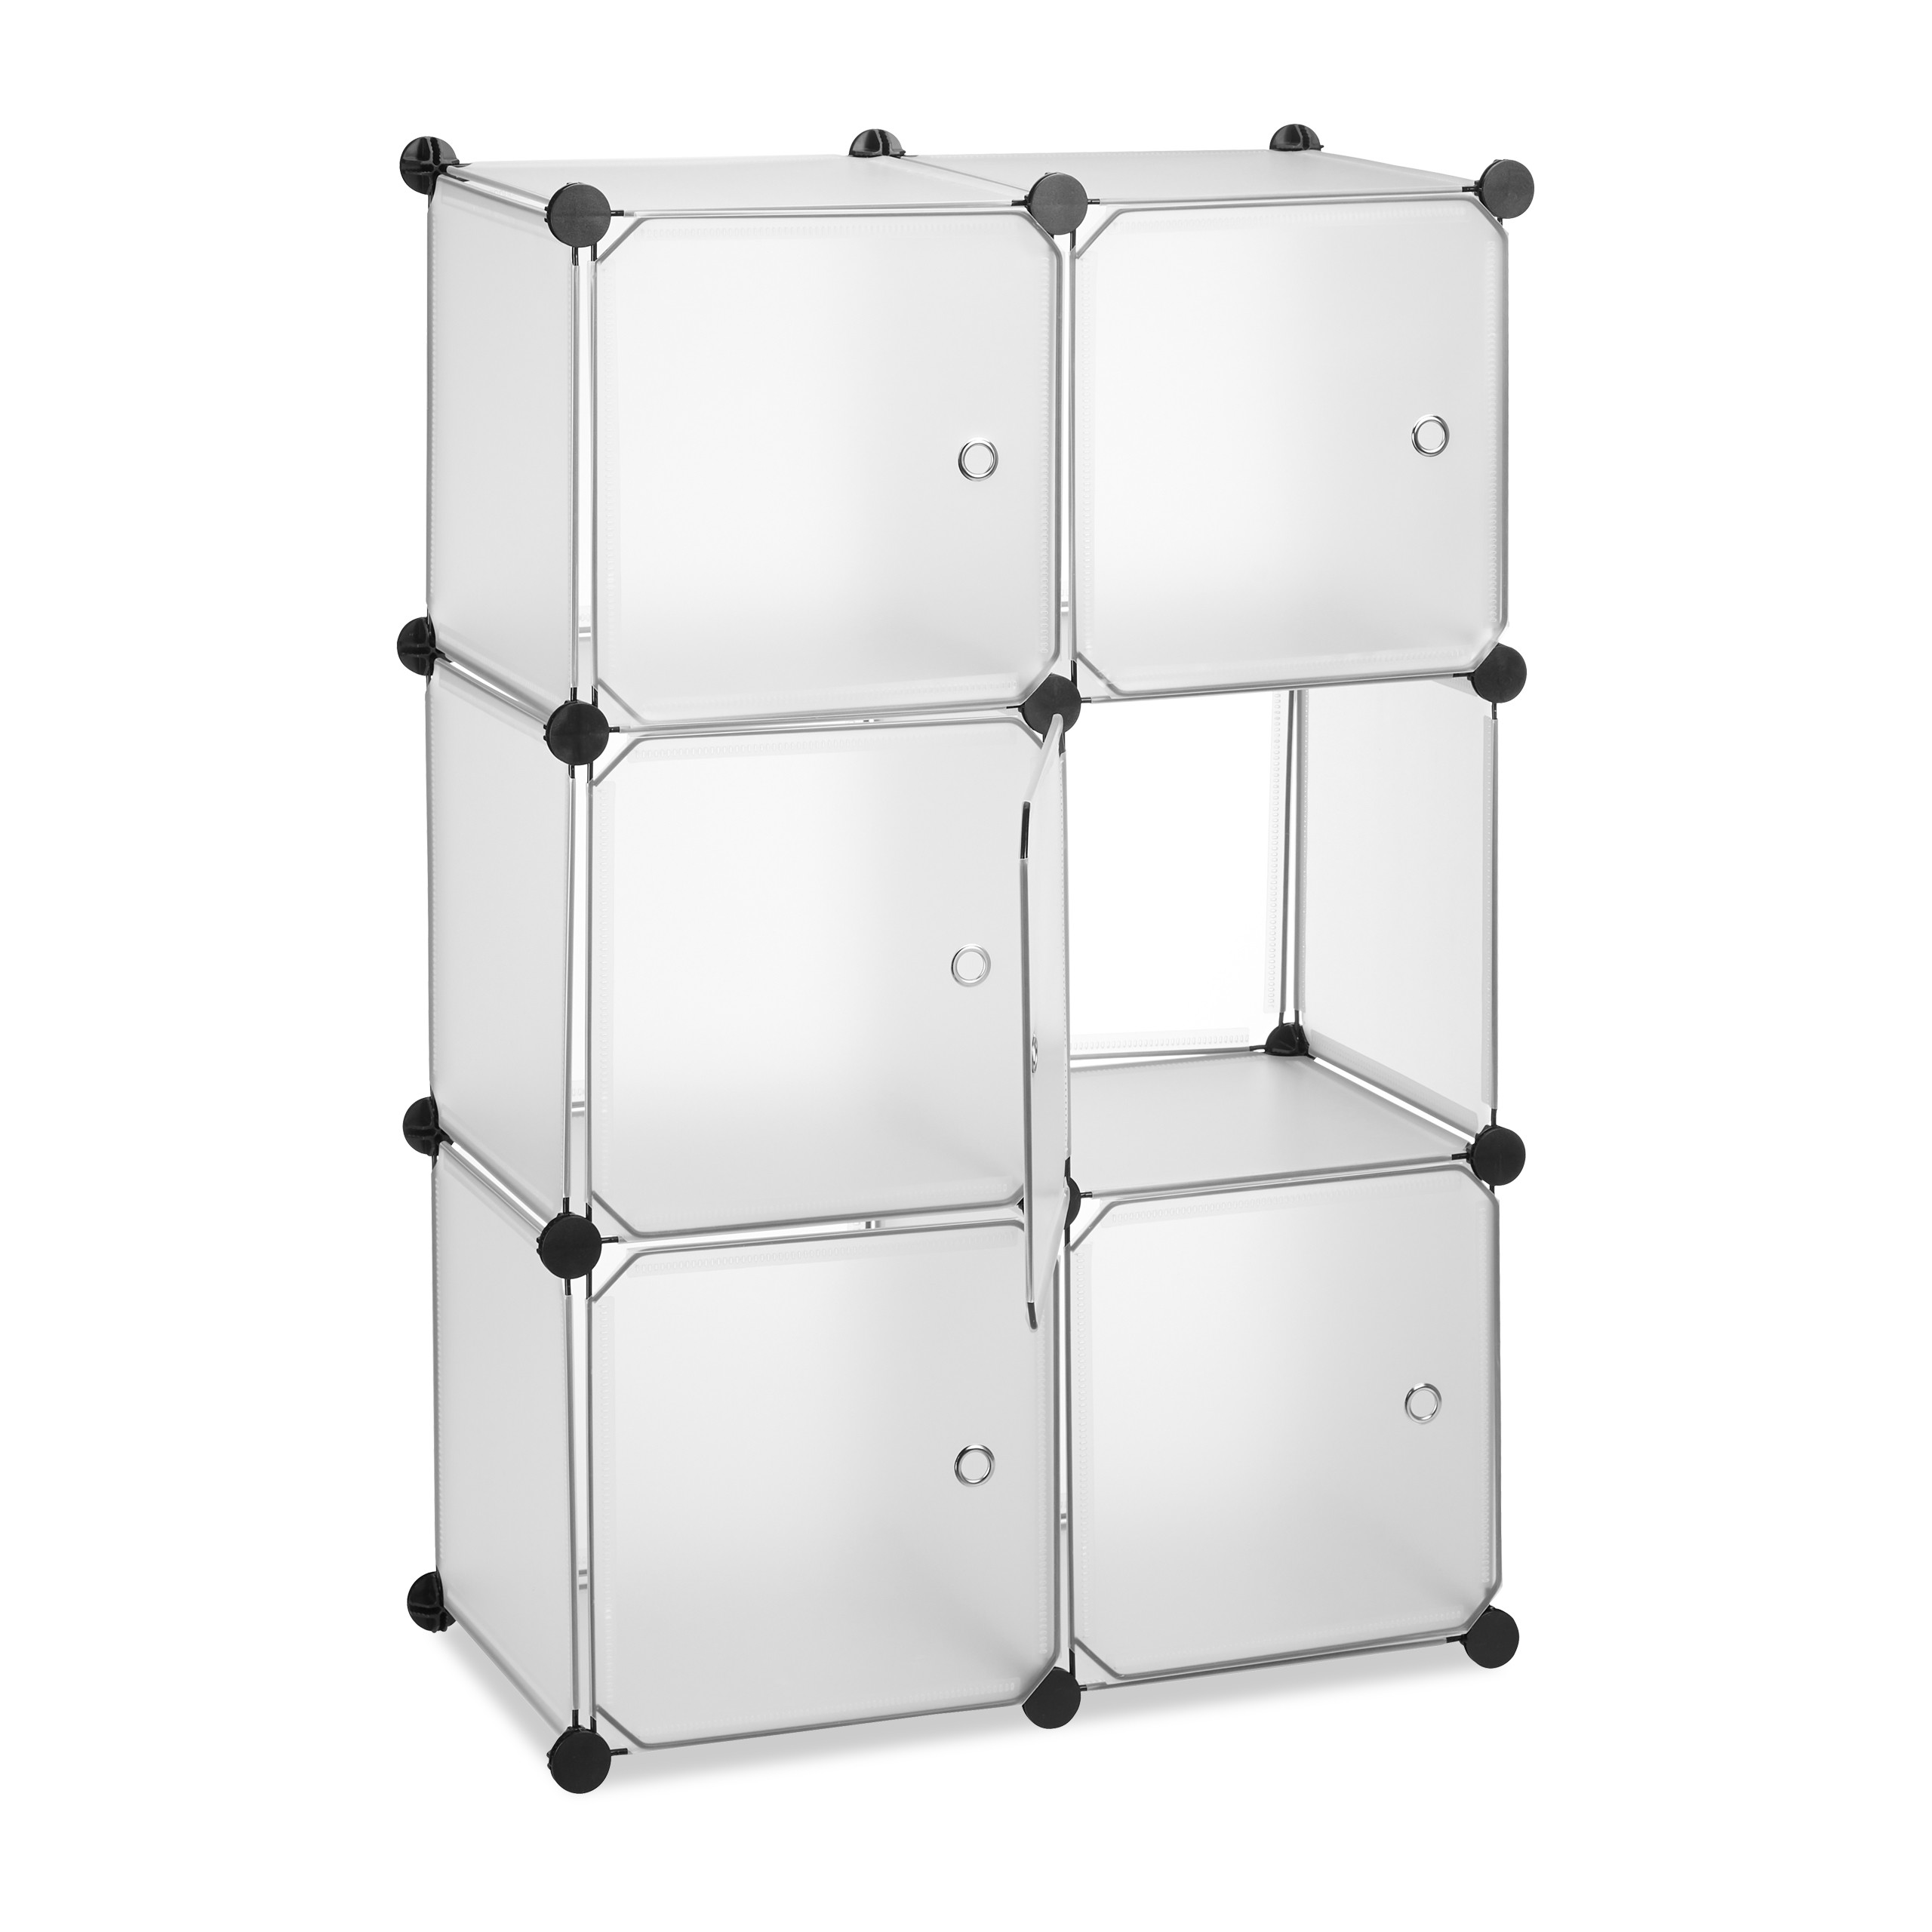 Regalsystem mit 6 Türen Kunststoff Steckregal Badregal Stufenregal Raumteiler